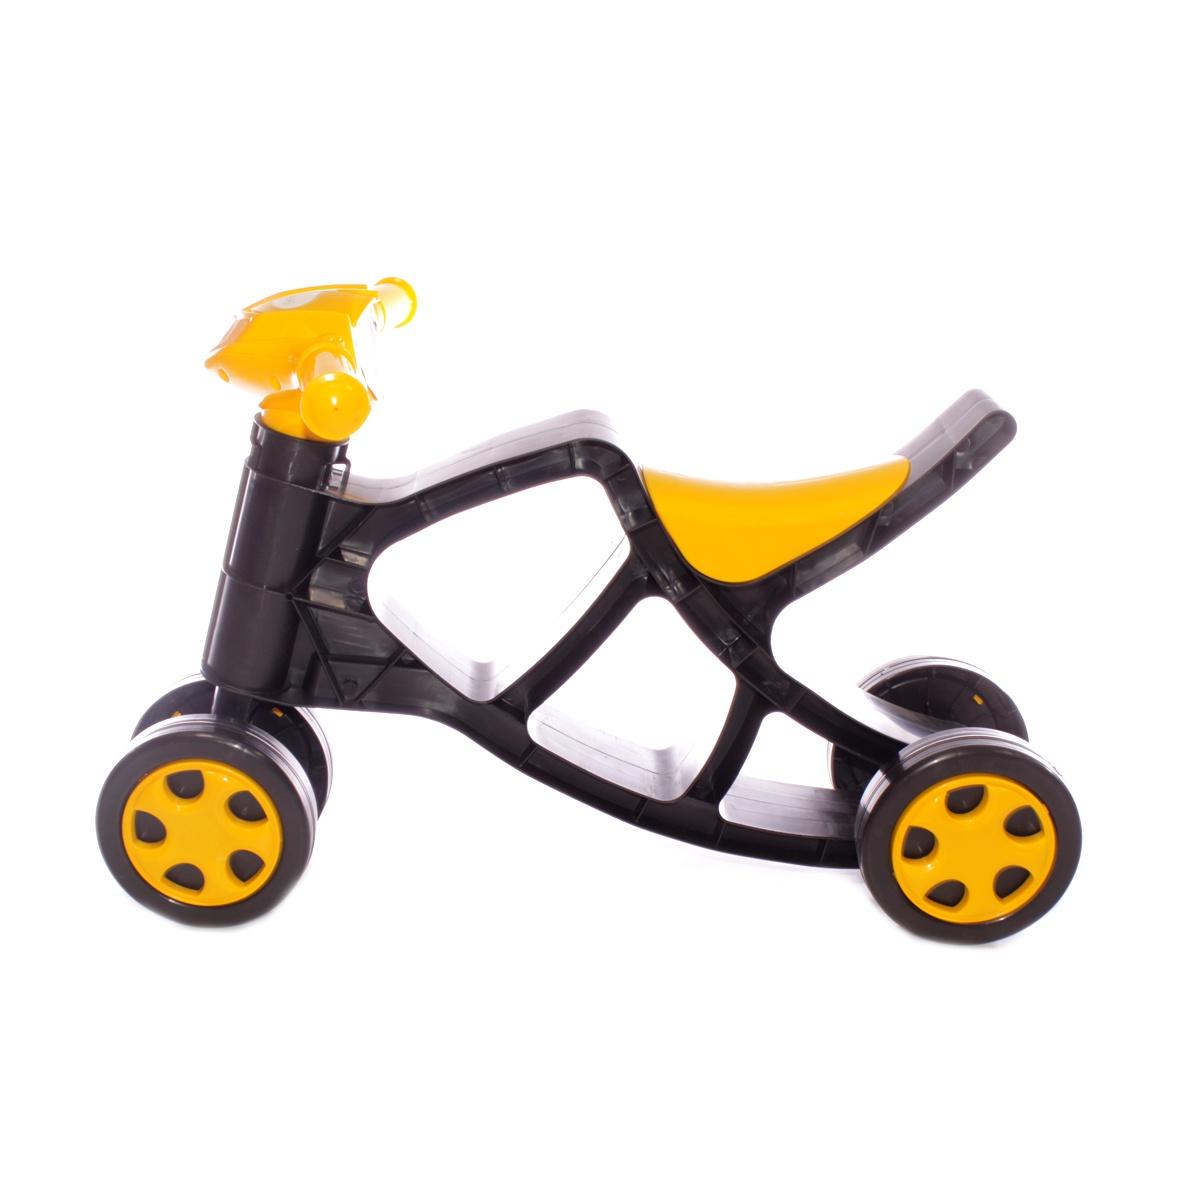 Каталка Doloni Толокар черный, желтый детская горка doloni развлечение желтый синий